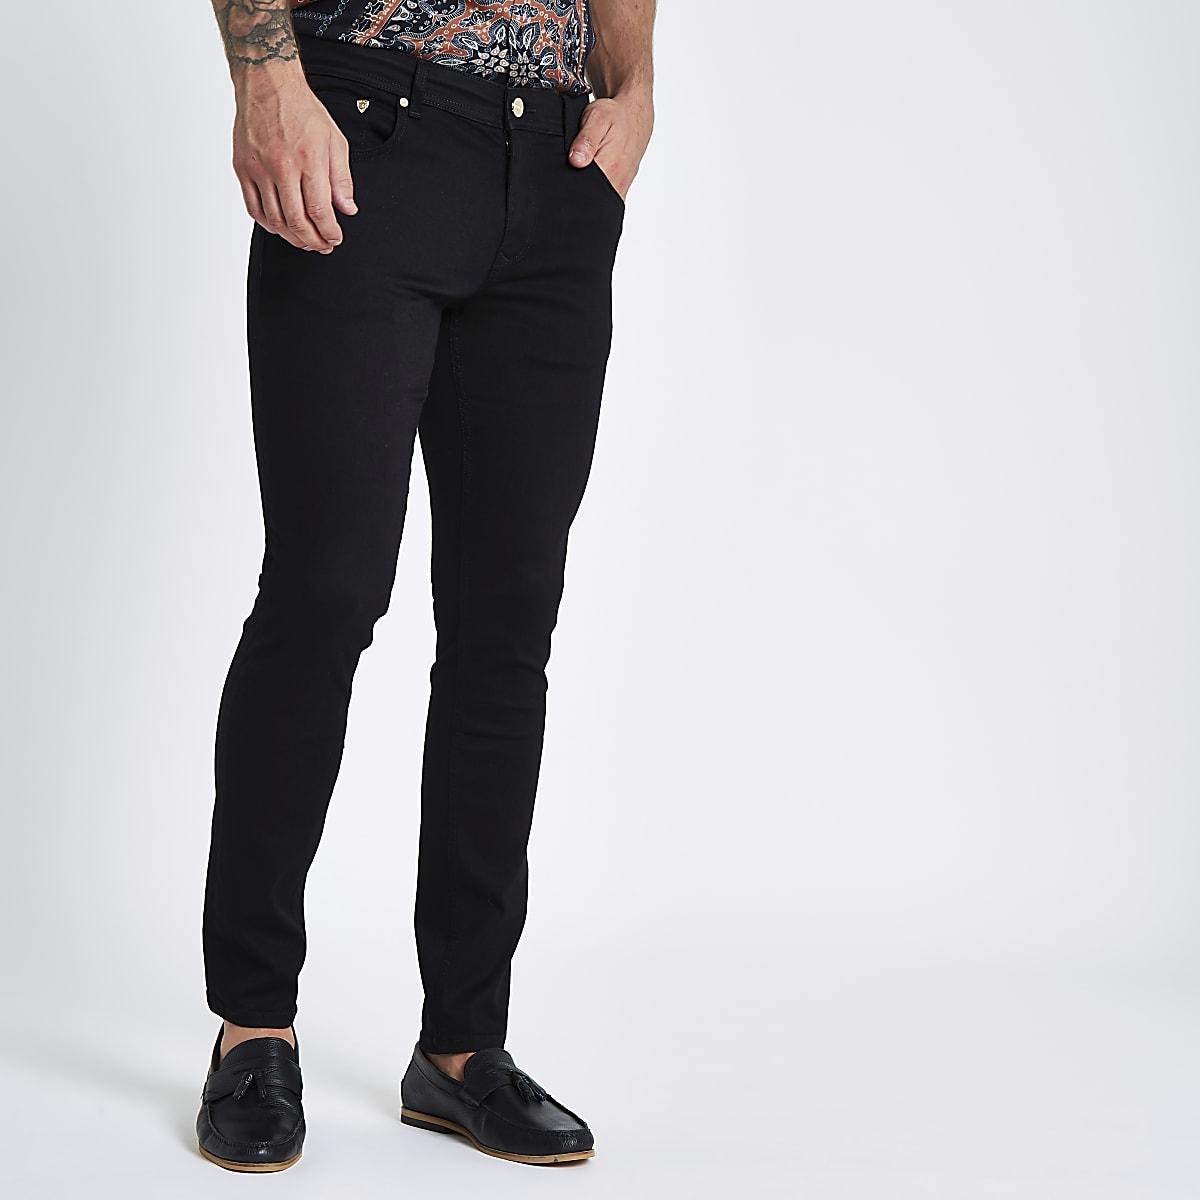 Sid – Schwarze Skinny Jeans mit Stickerei